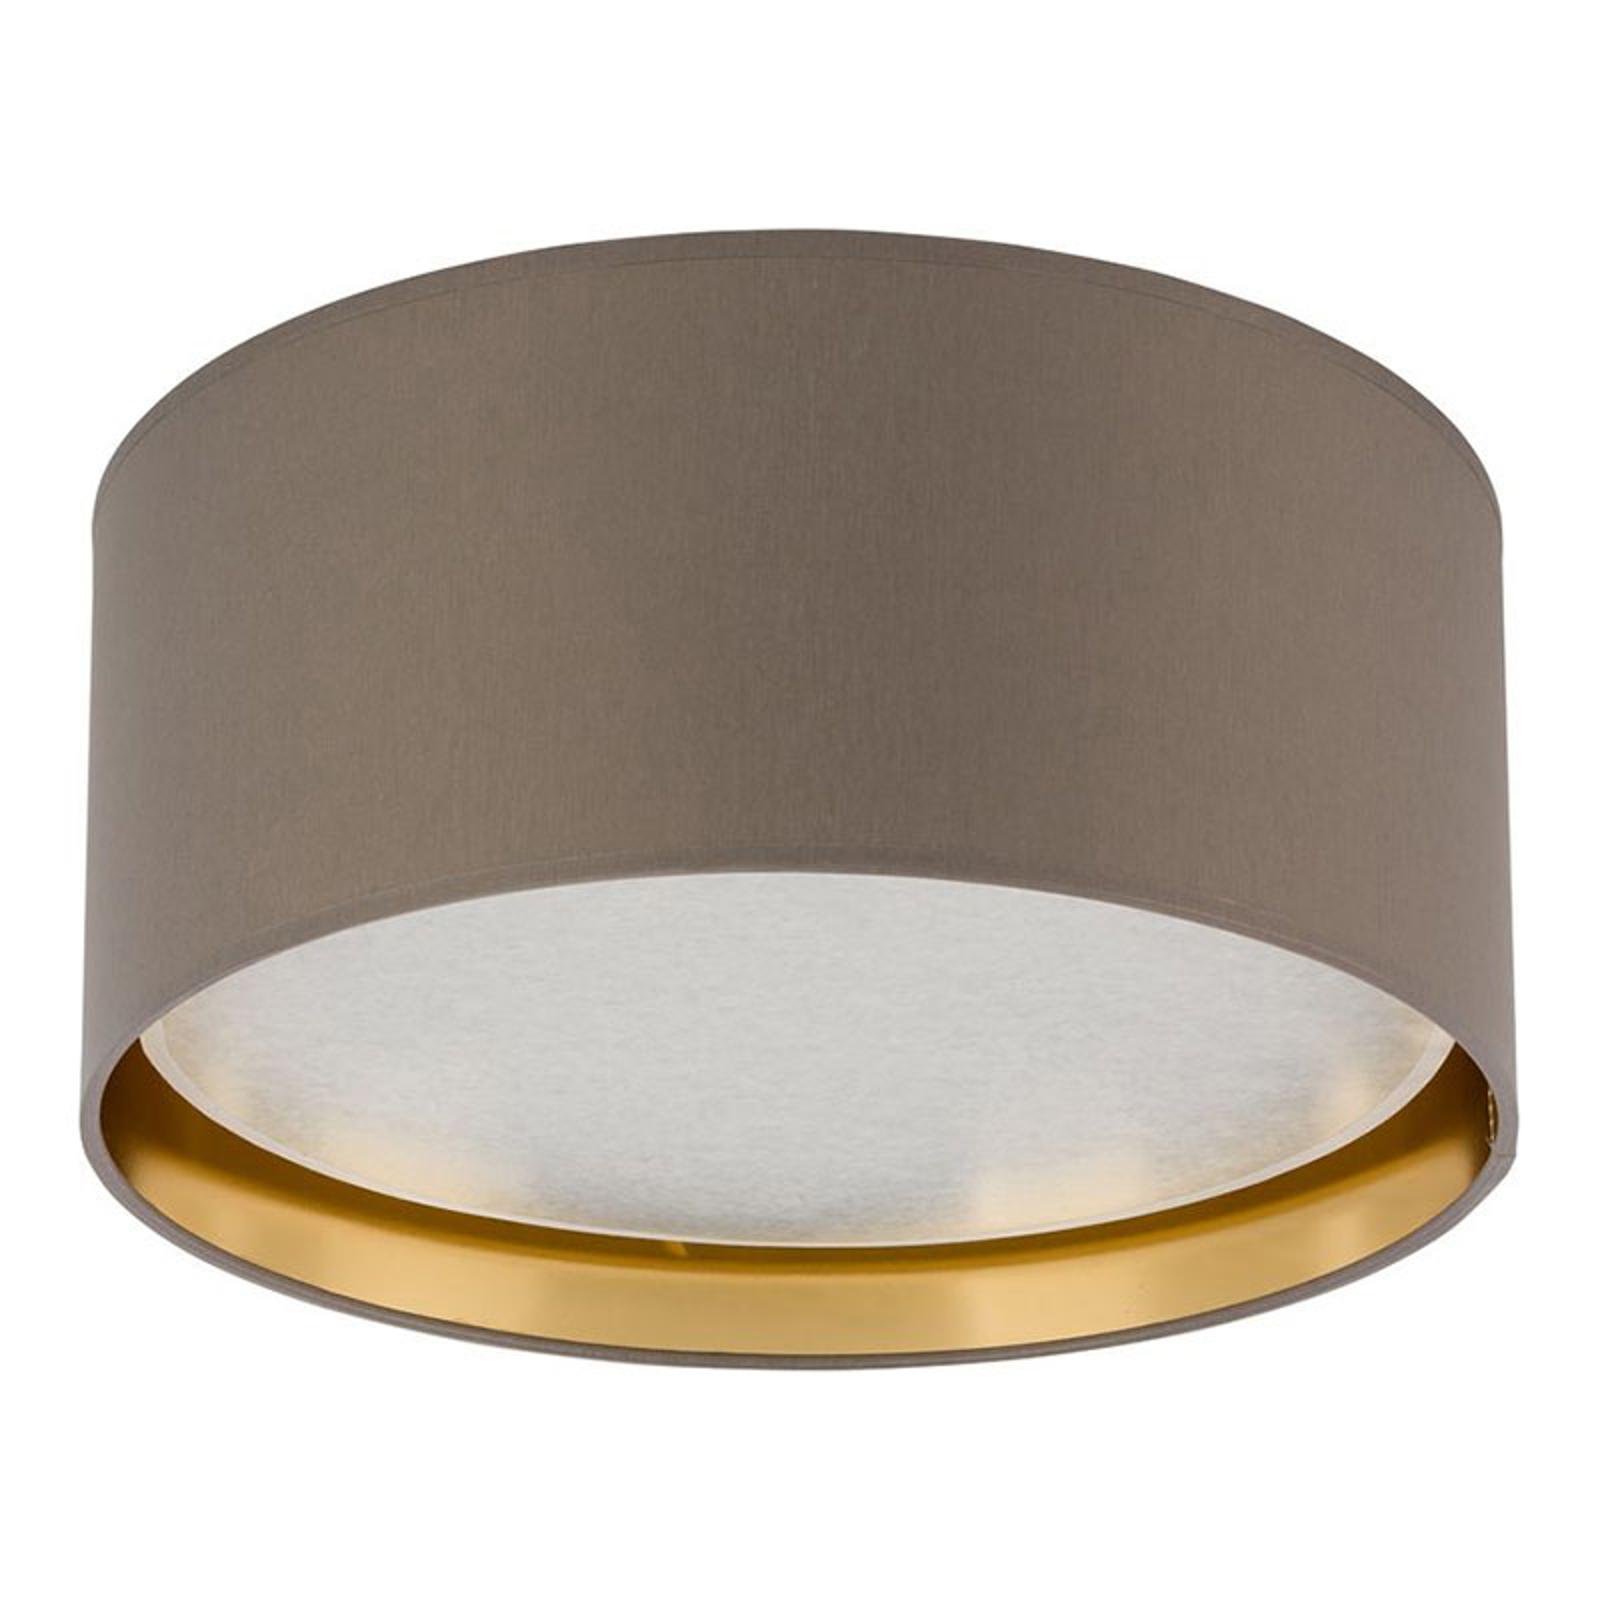 Taklampe Bilbao, Ø 45 cm, grå/gull